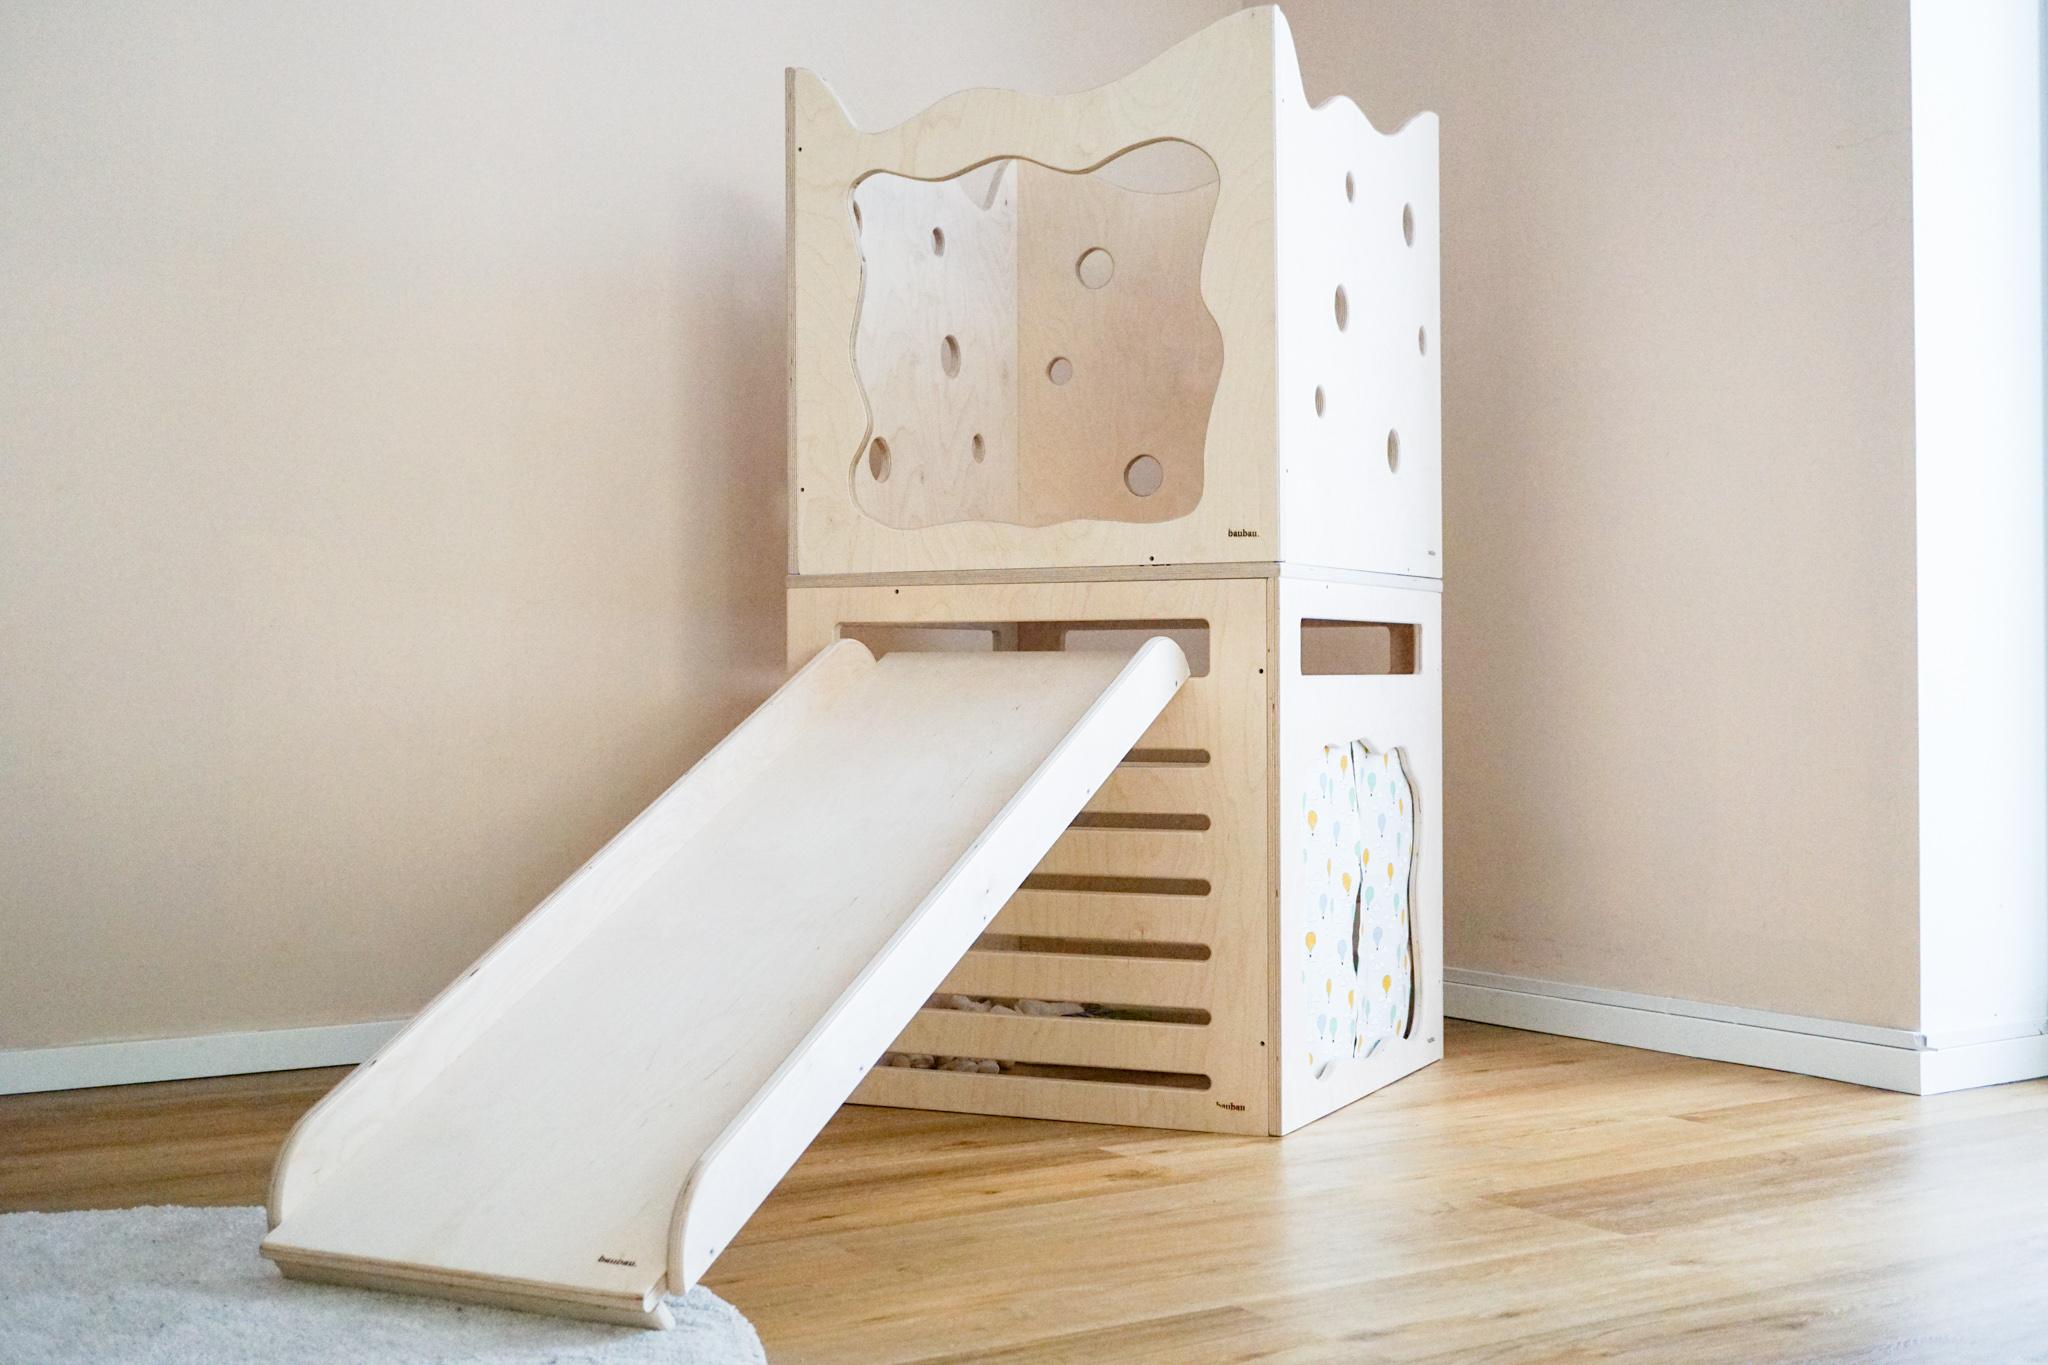 der baubau Spielplatz Kinderzimmer